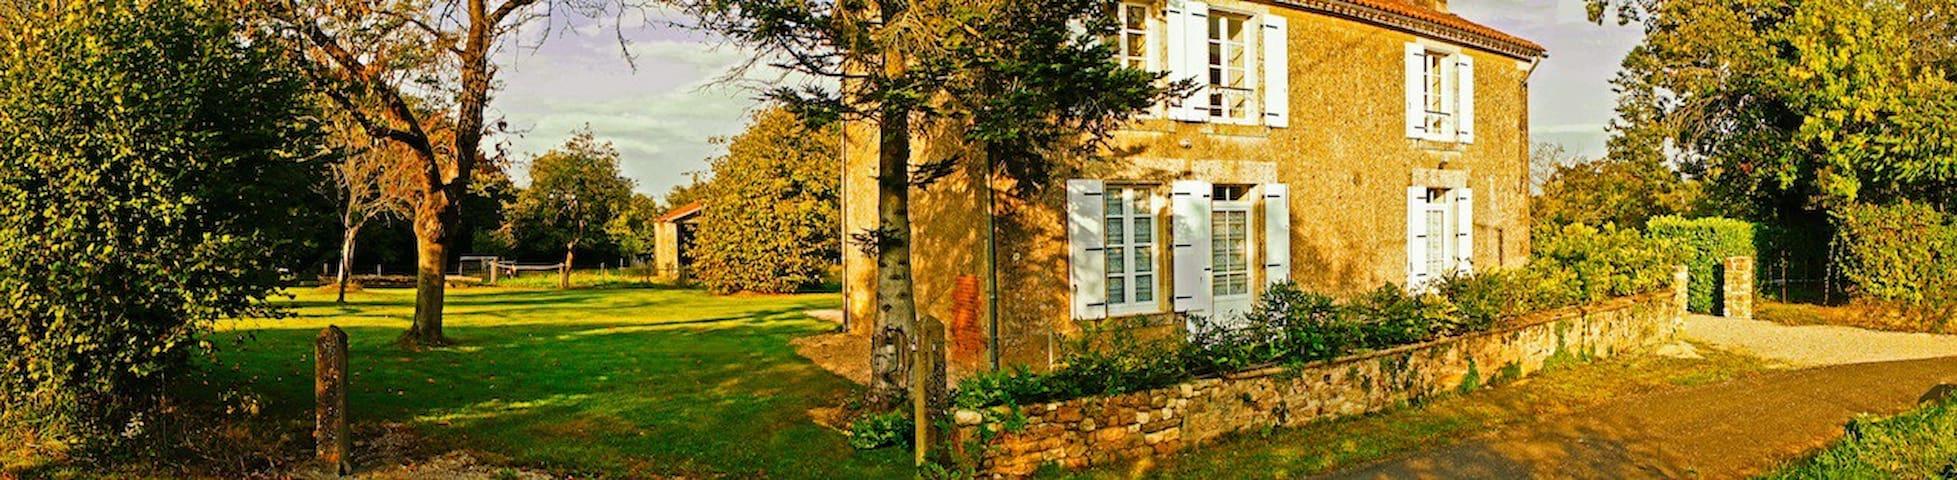 Thouarsais-Bouildroux的民宿